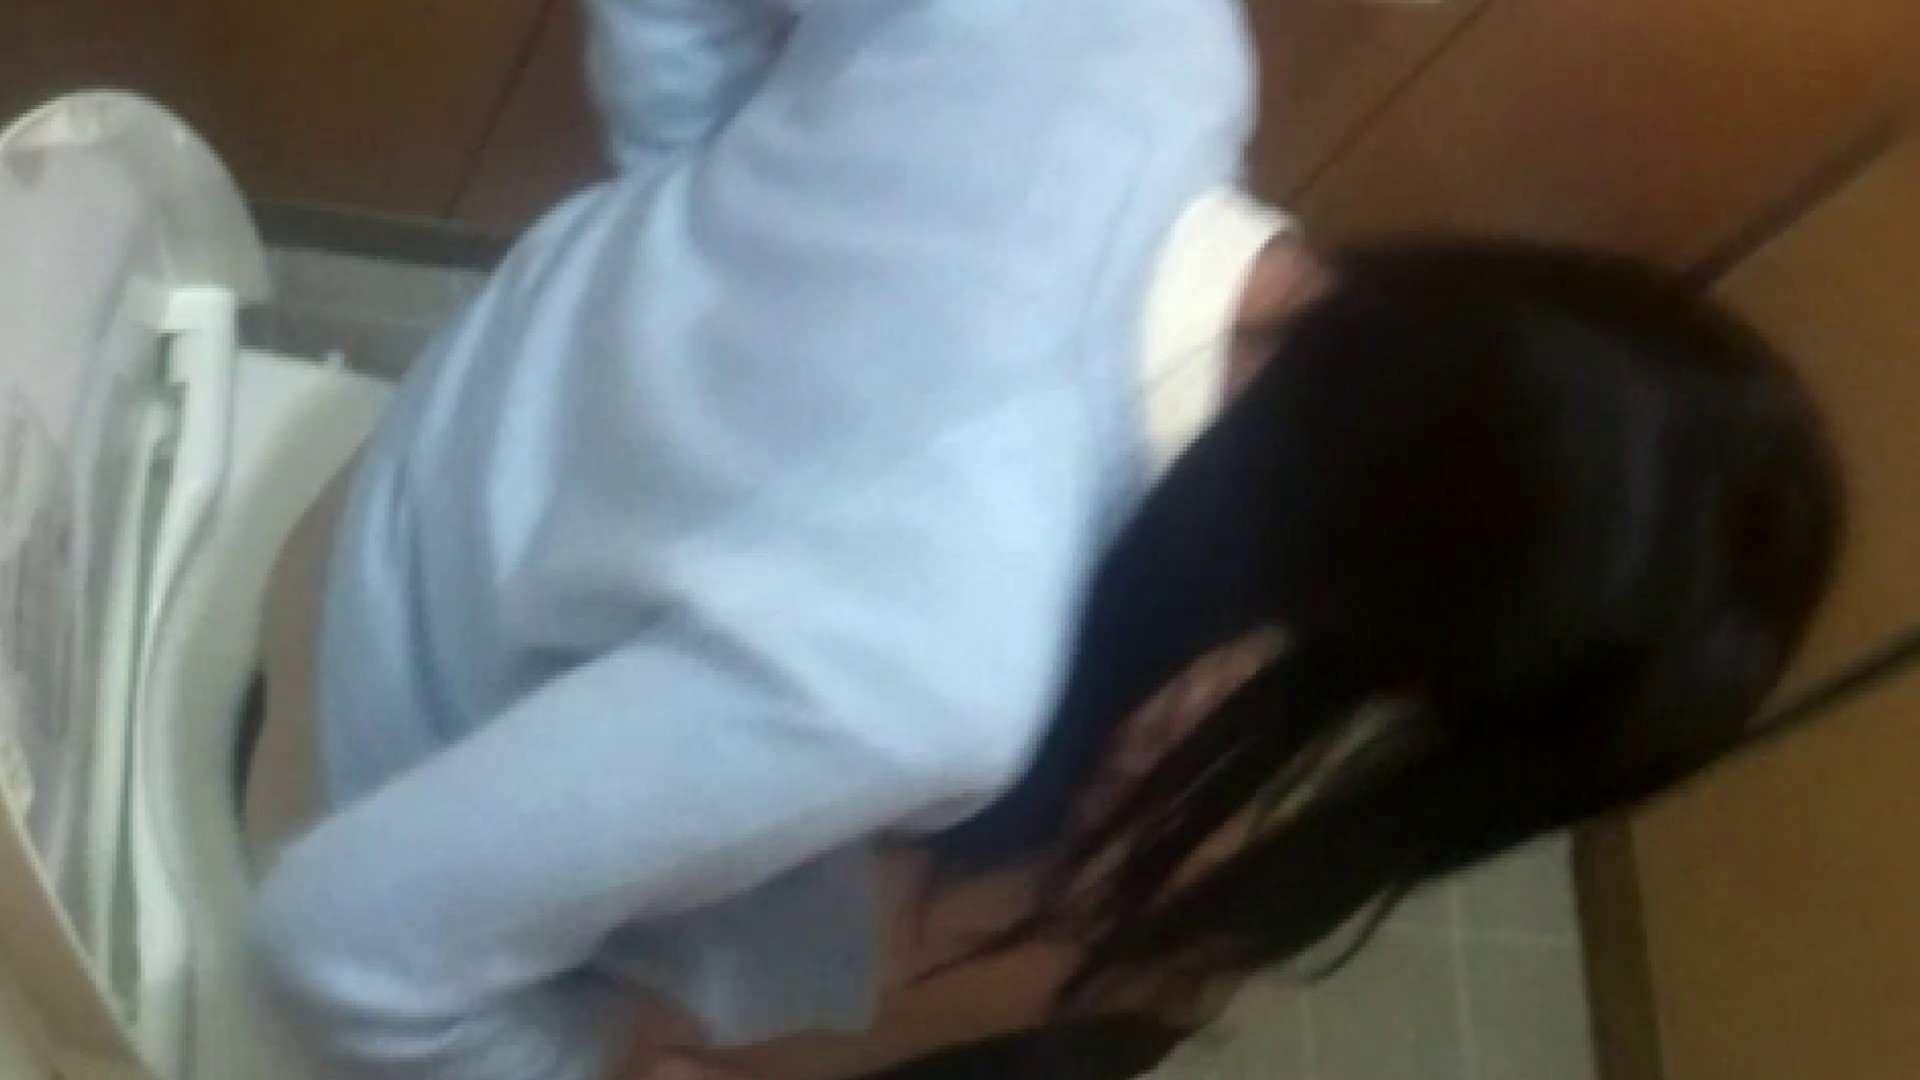 化粧室絵巻 商い場編 VOL.30 エッチなお姉さん エロ画像 105画像 82